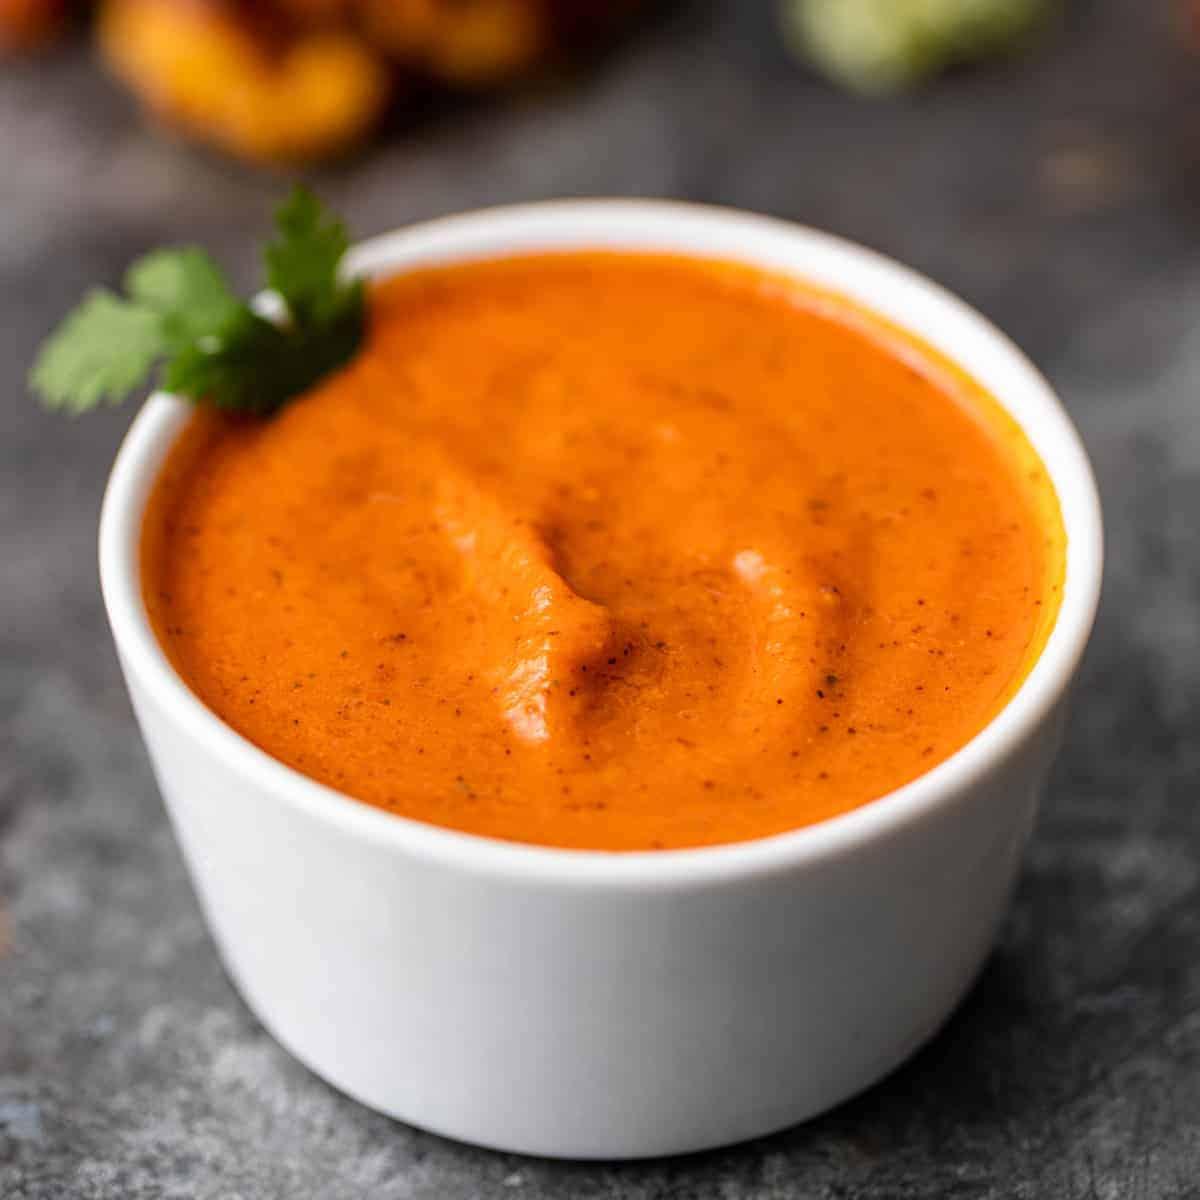 tomato chutney in small white bowl